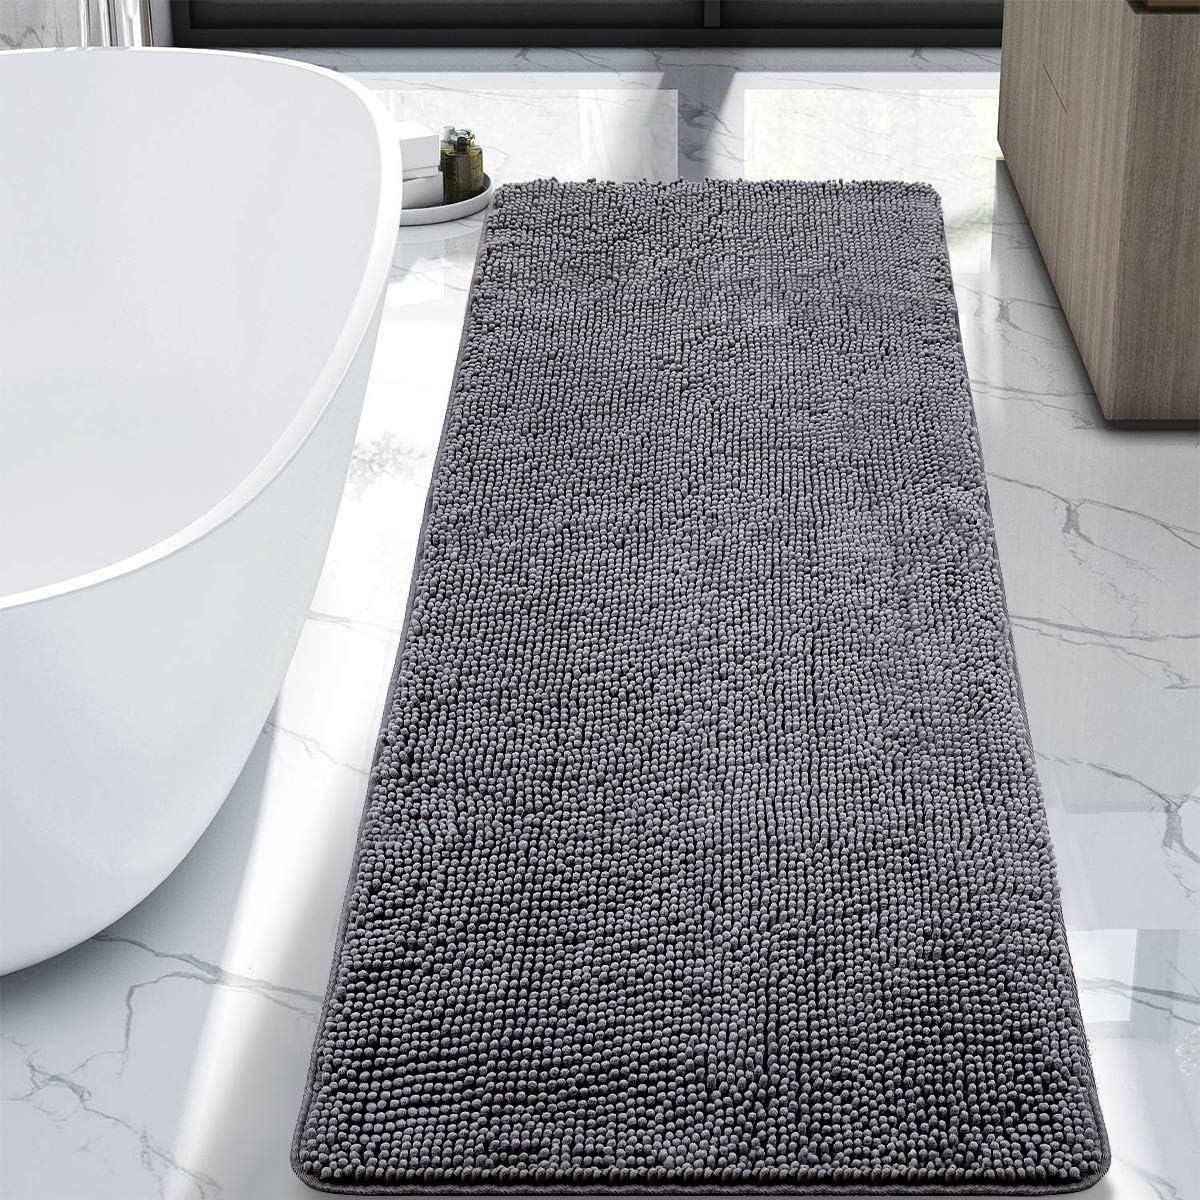 Deal of the day Luxurious Cork Bath Shower Mat 600x450x18mm